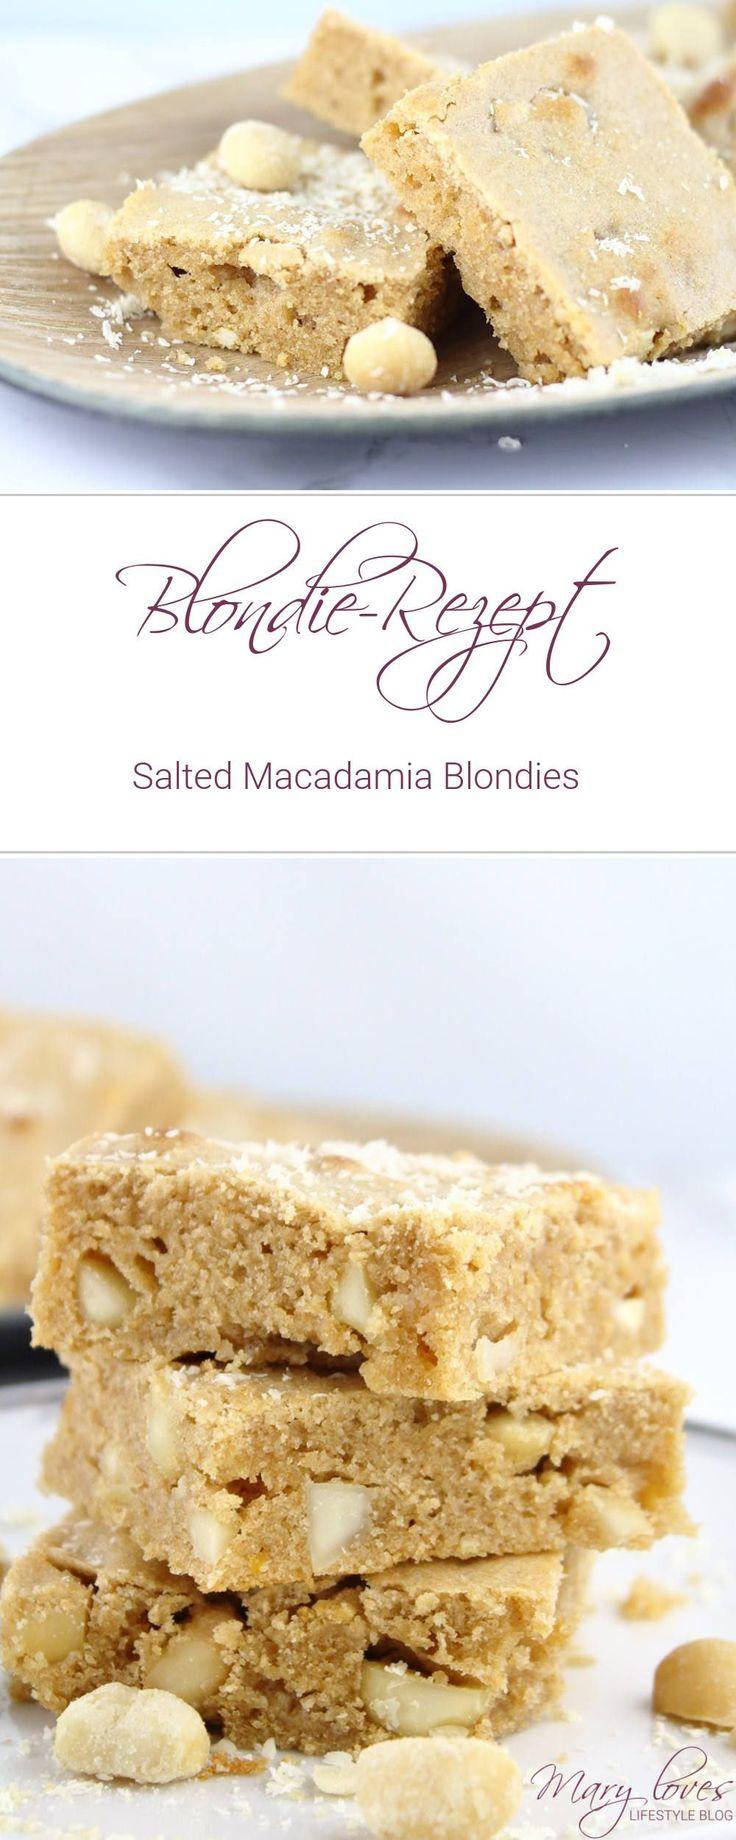 Blondie-Rezept - Salted Macadamia Blondies - Brownies mit weißer Schokolade, Süß trifft auf Salzig, helle Brownies mit Macadamia Nüssen